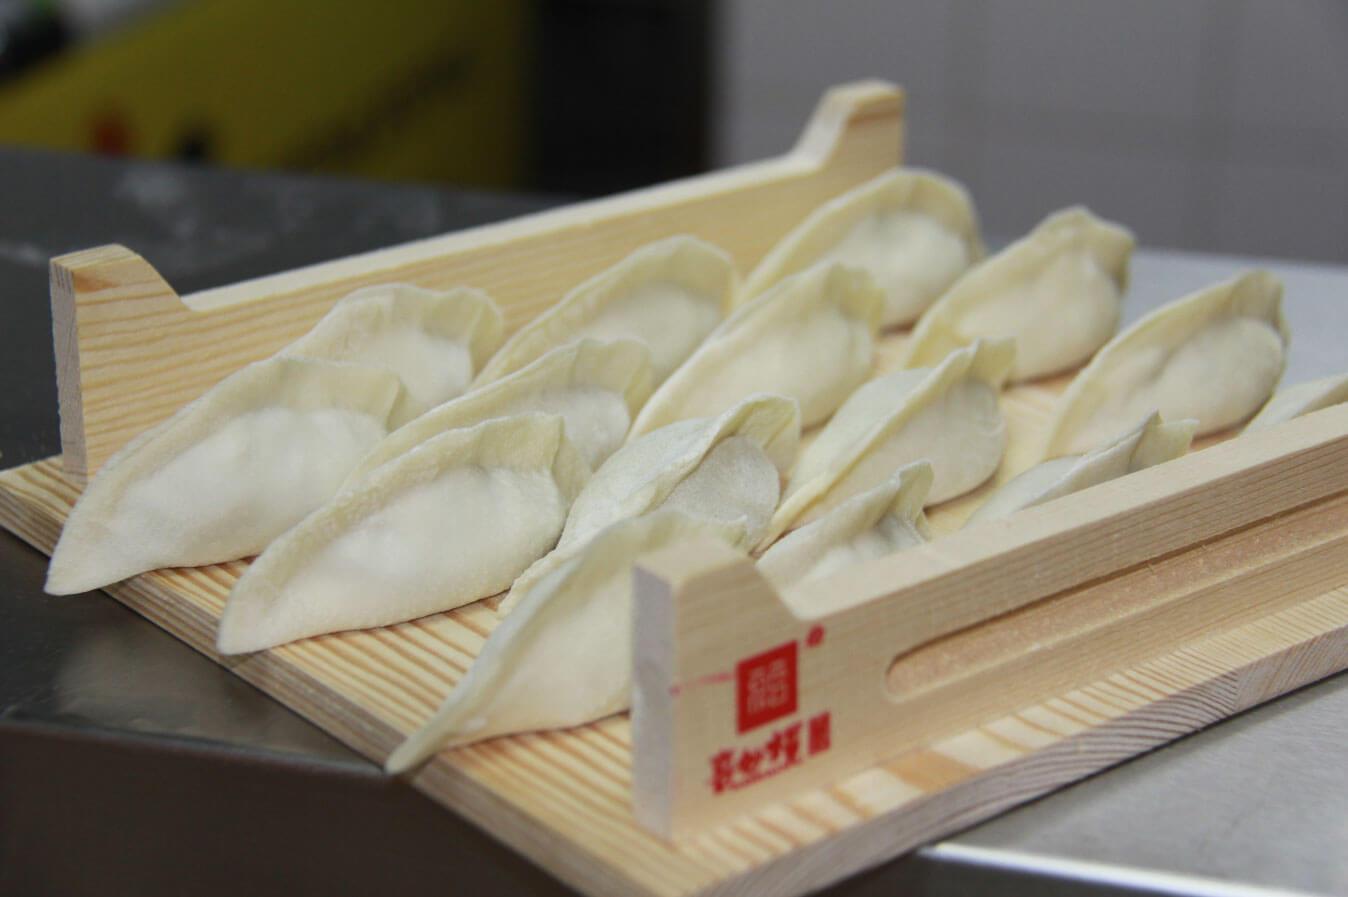 喜妙福水饺加盟专业化流程让创业更简单